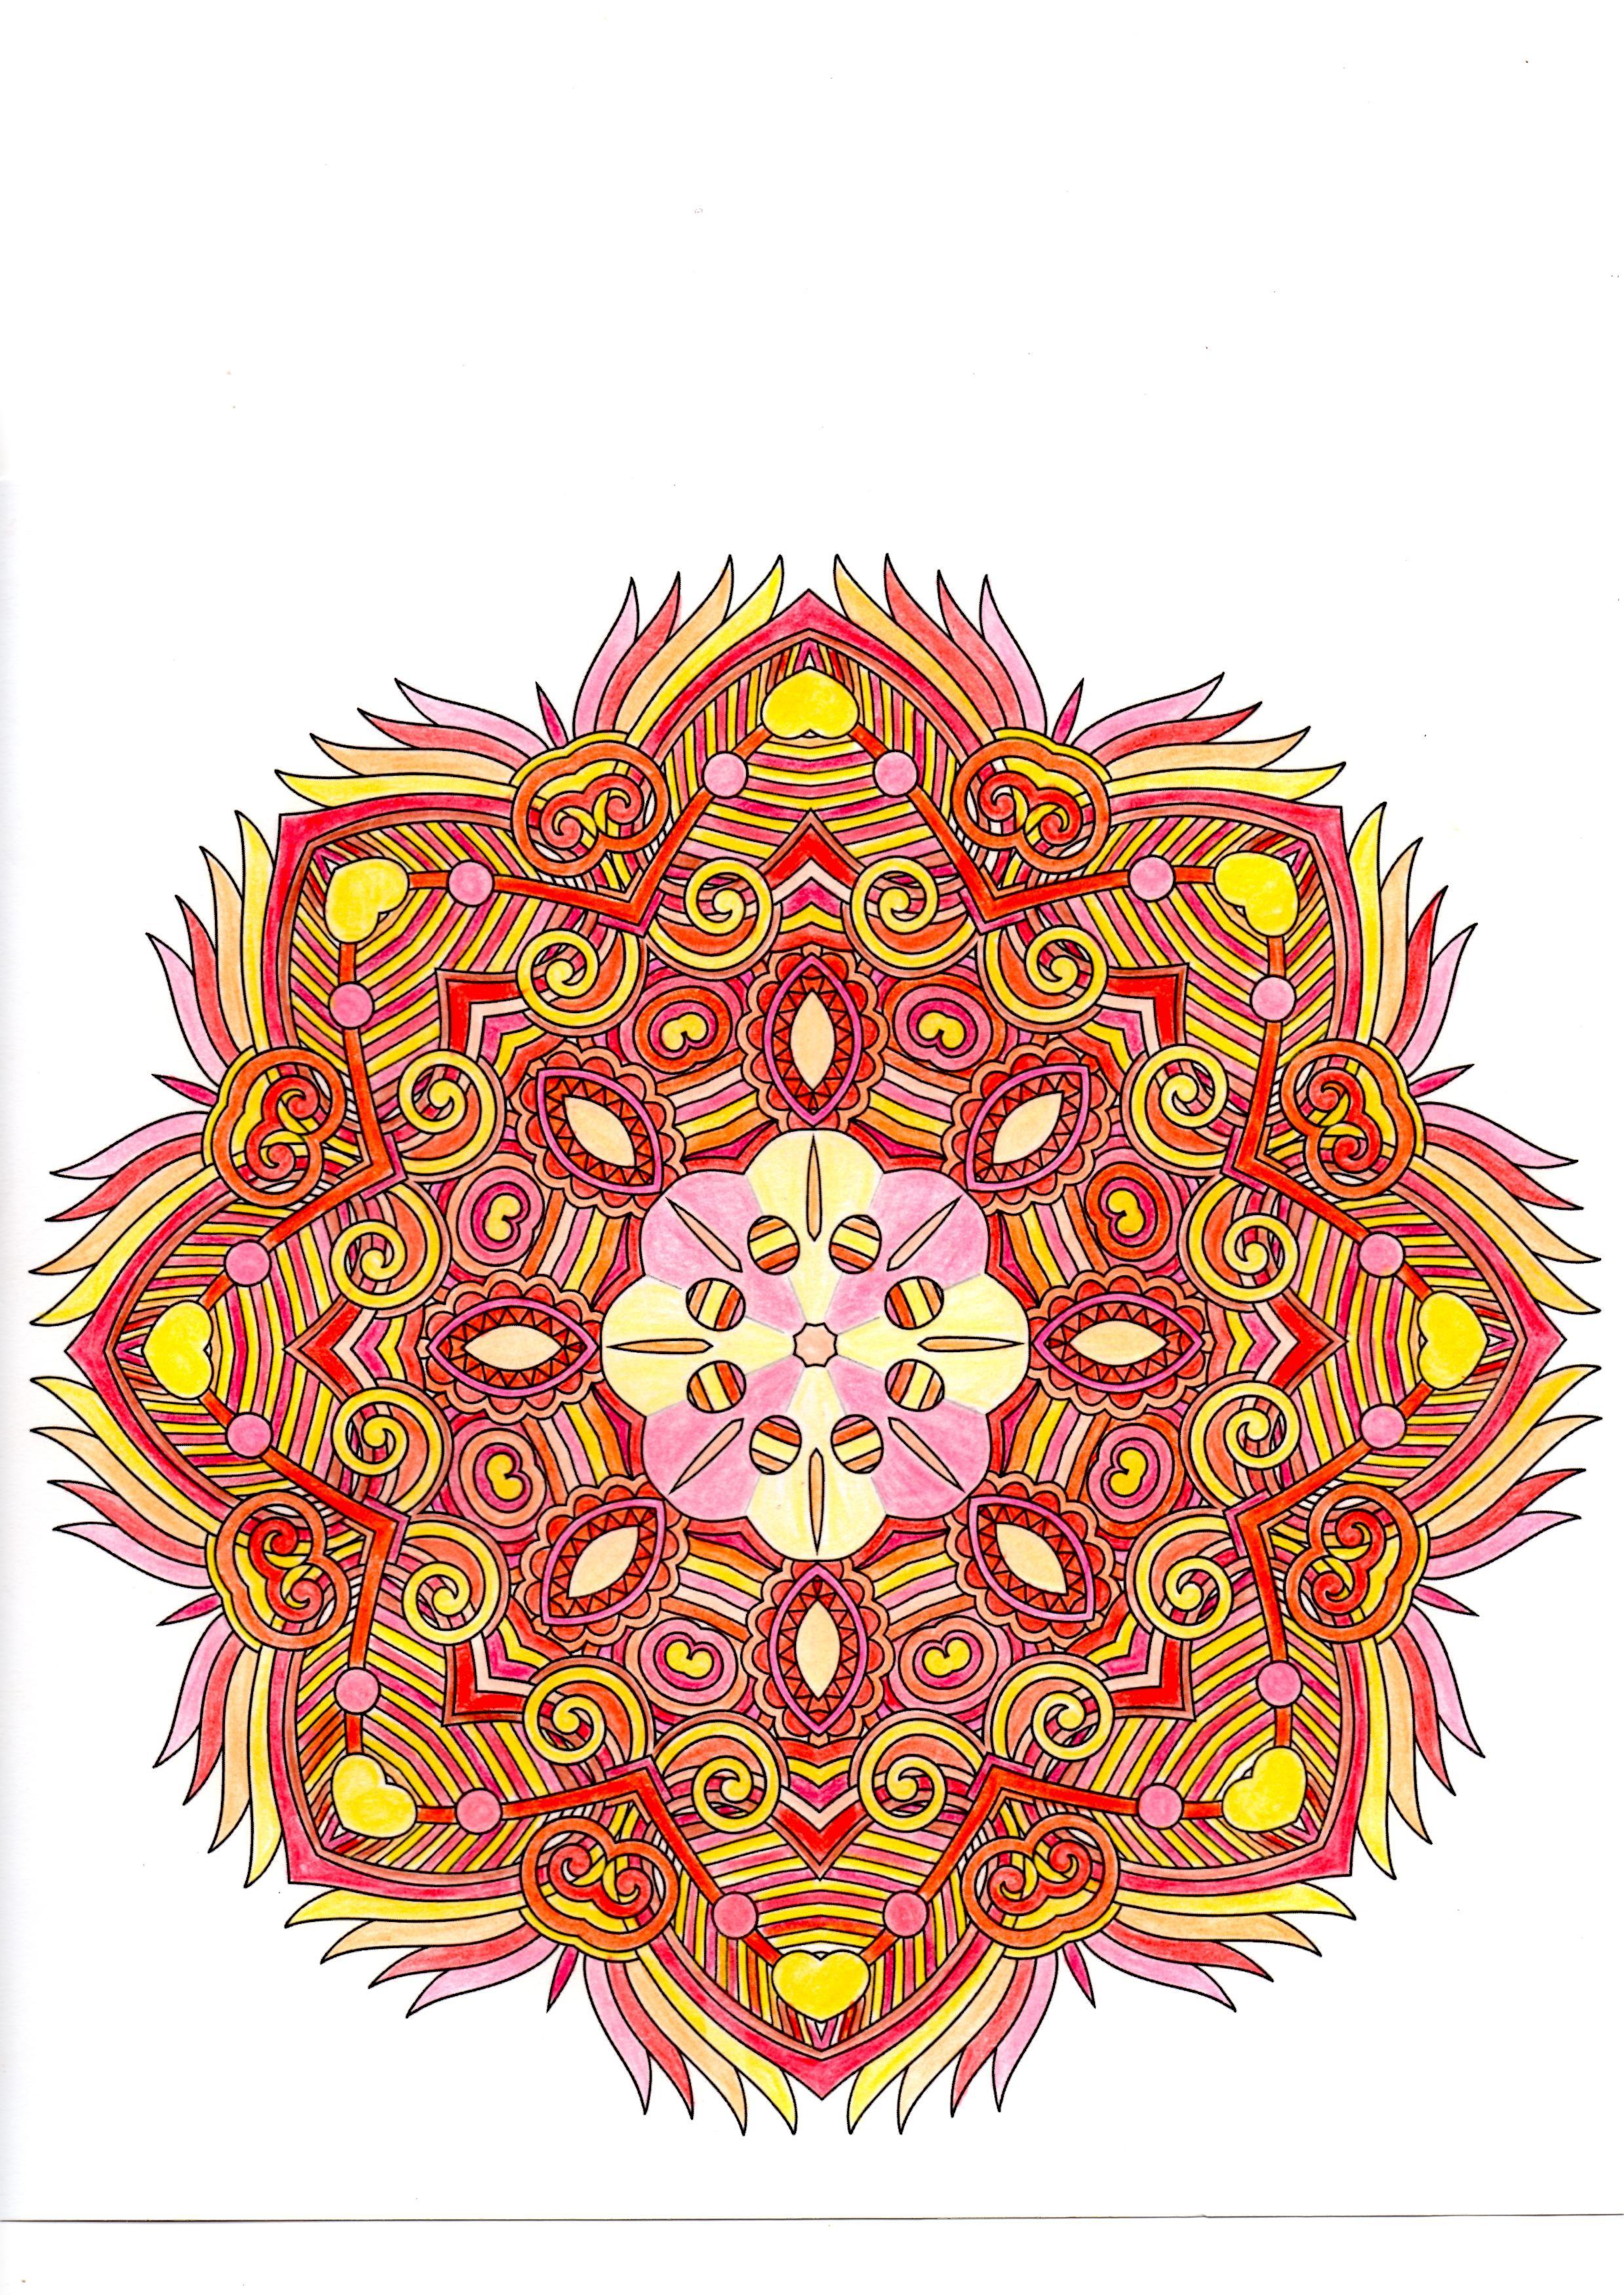 Mandala Issu De Zen Attitude Esprit Mandala Fait Au Cdc Mandala